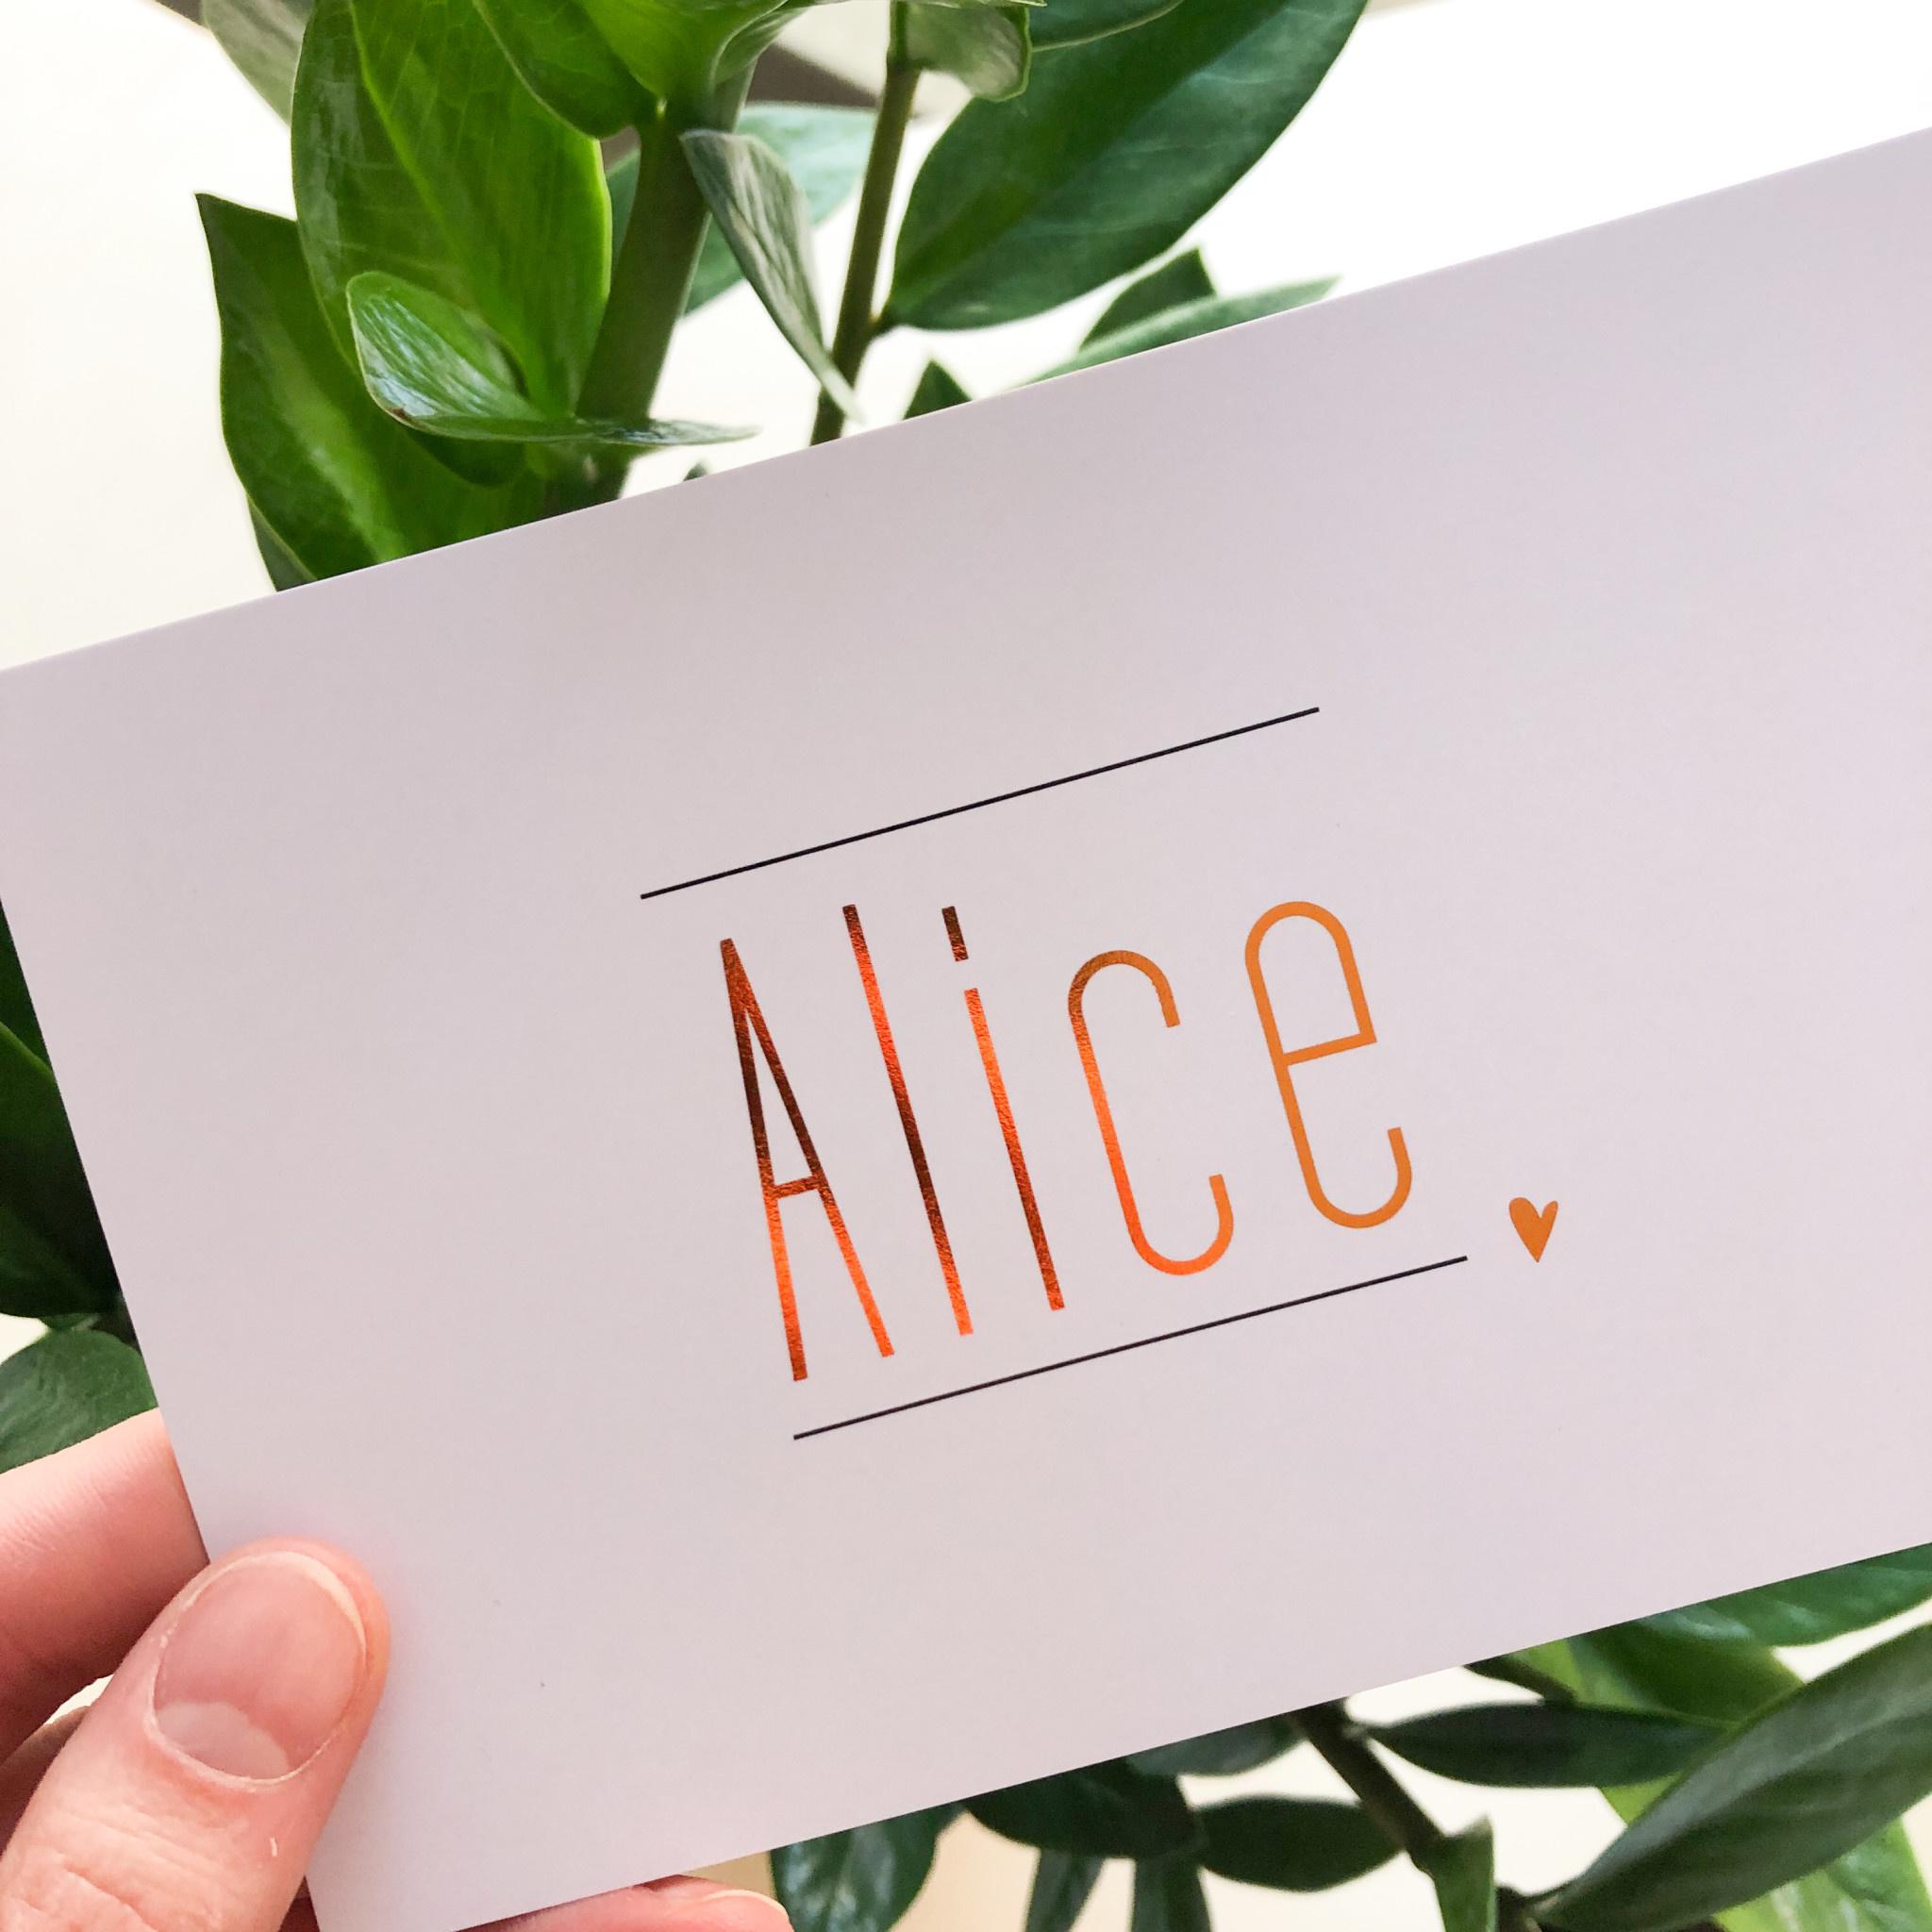 geboren_5 nov Alice